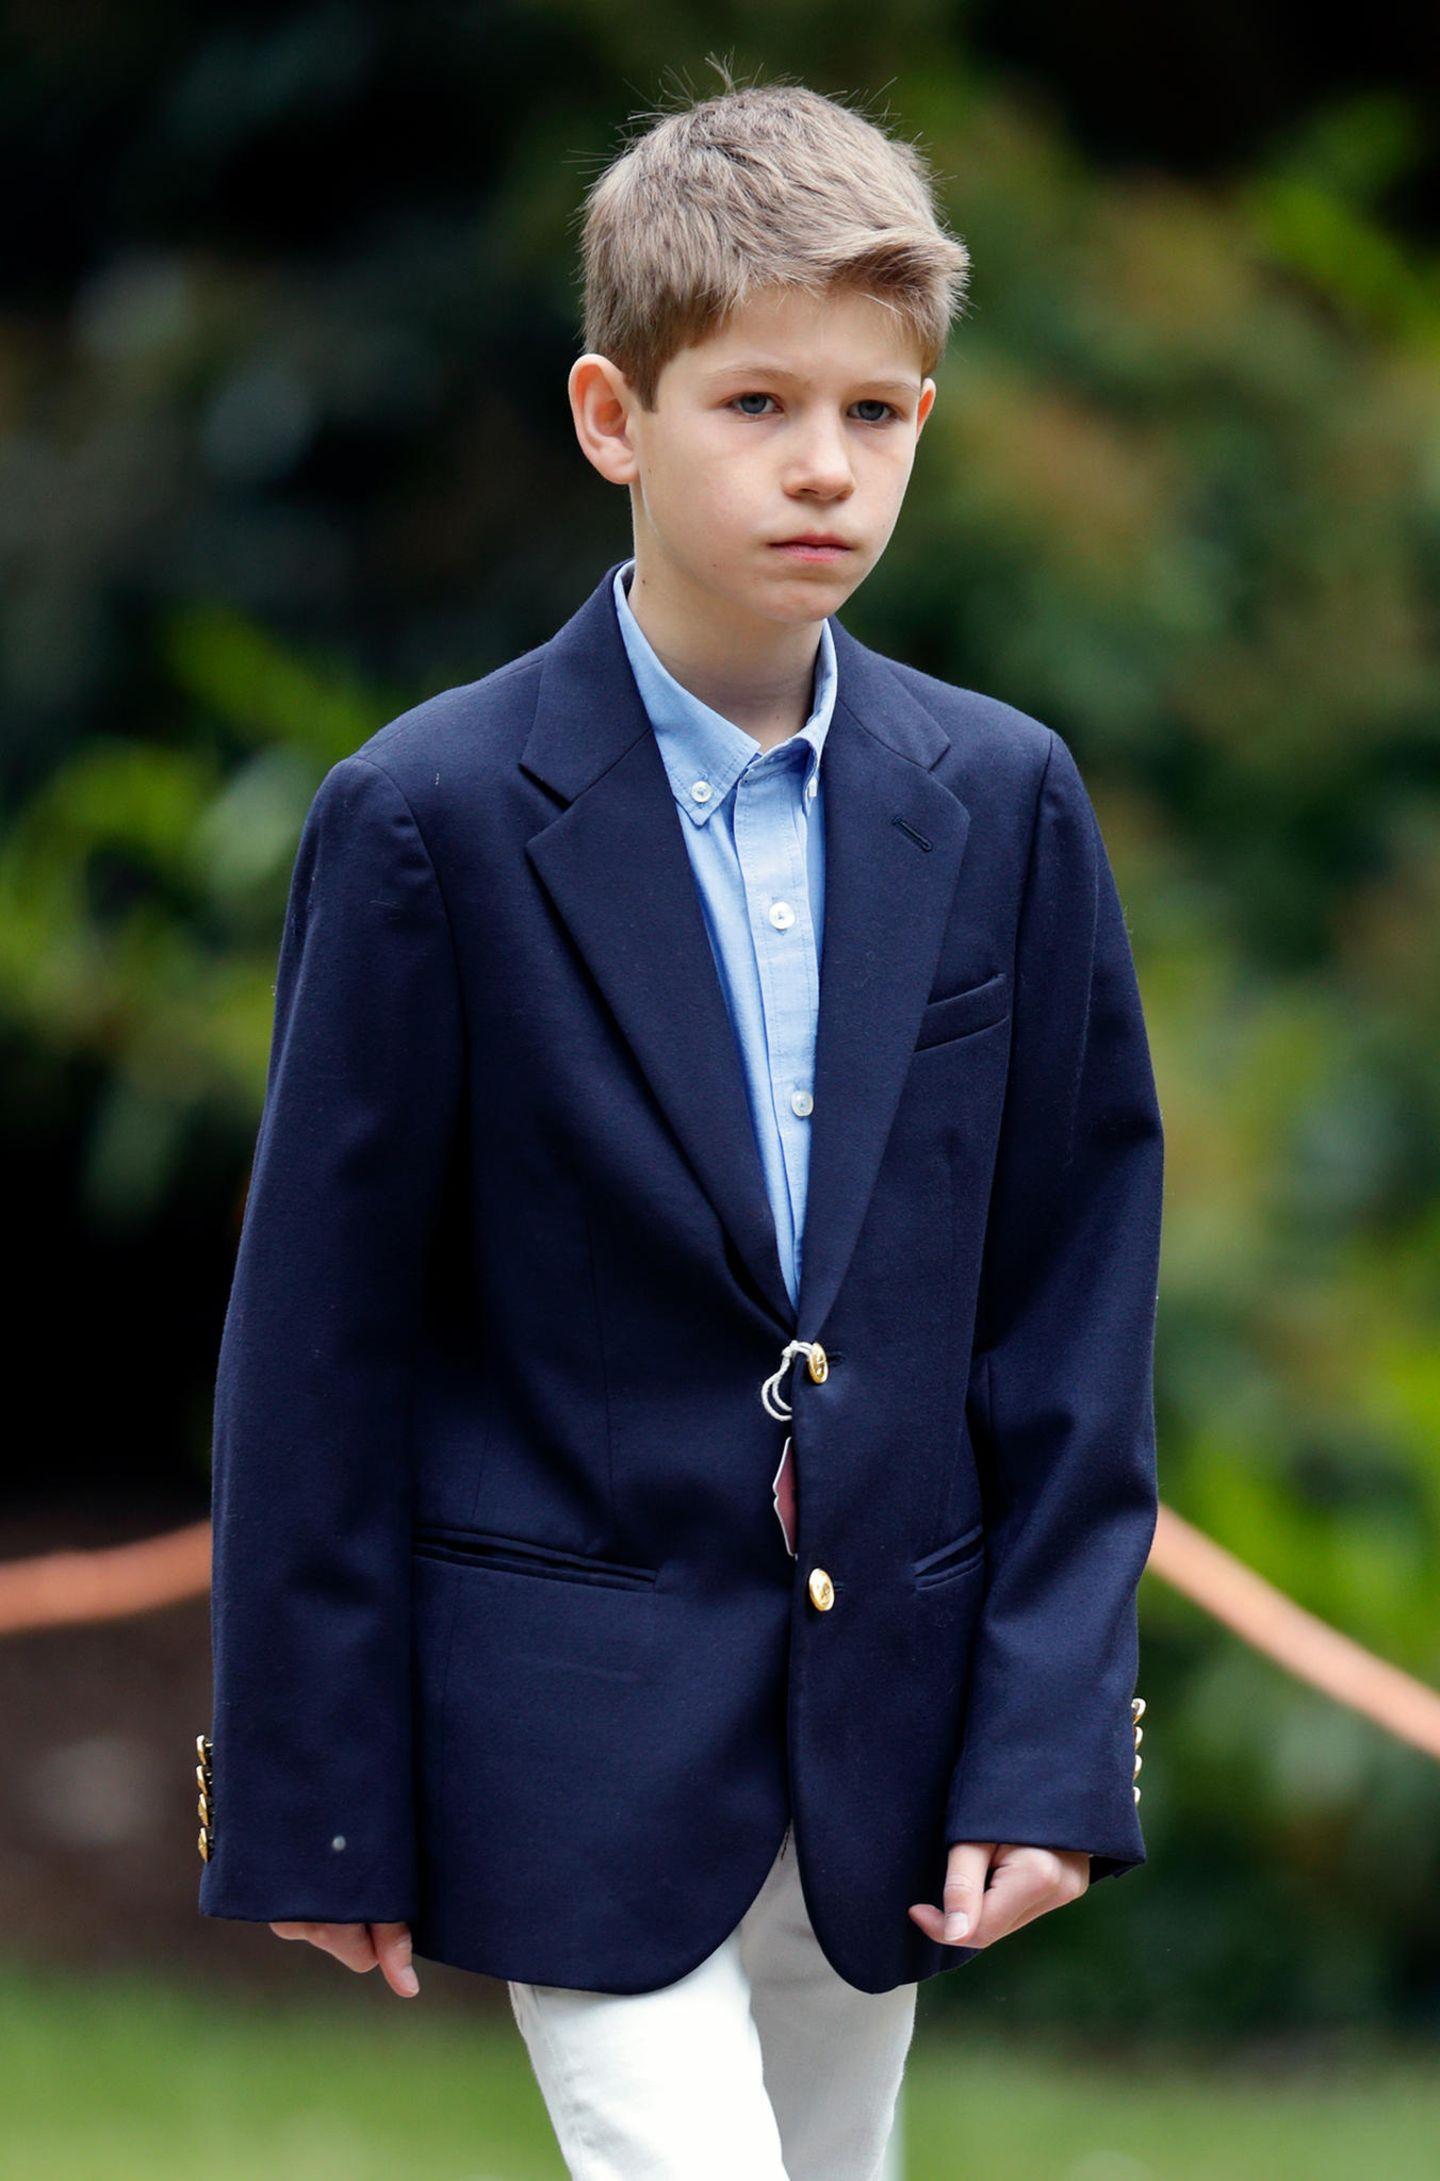 Platz 15  James, Viscount Severn, der Sohn von Prinz Edward und seiner Frau Gräfin Sophie